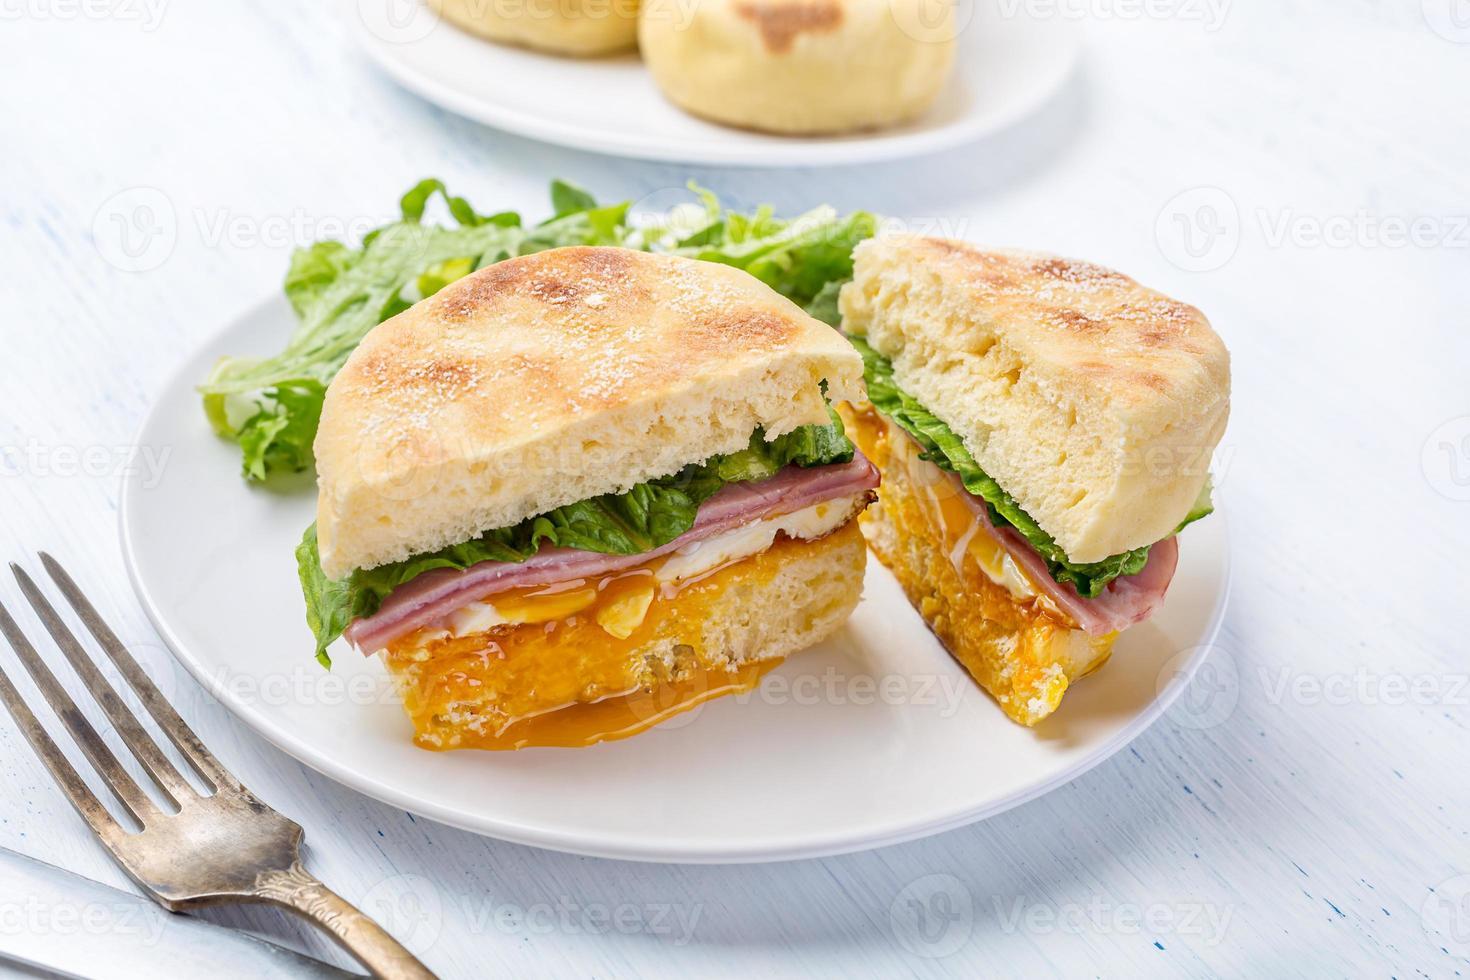 Muffin Sandwich photo